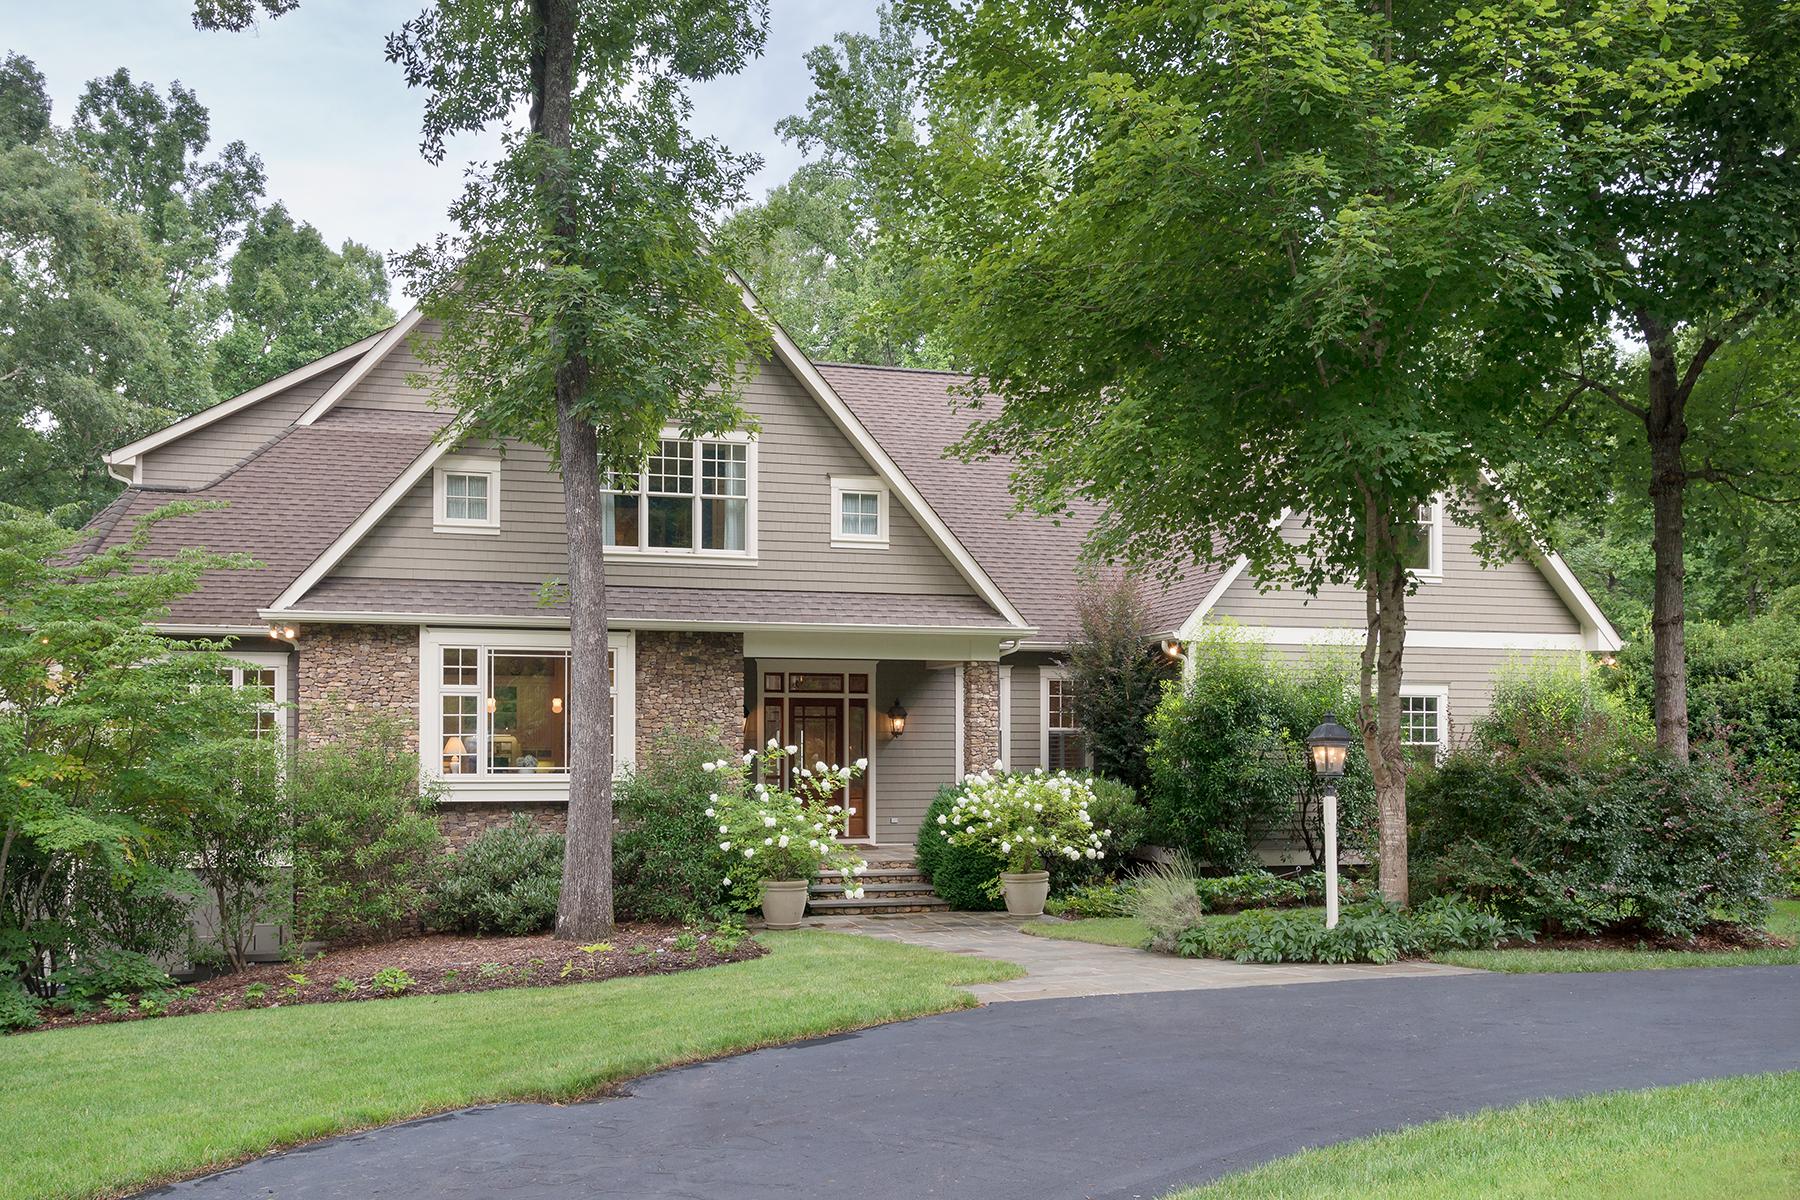 Maison unifamiliale pour l Vente à 1367 Tryon Rd , Rutherfordton, NC 28139 1367 Tryon Rd Rutherfordton, Carolina Du Nord, 28139 États-Unis